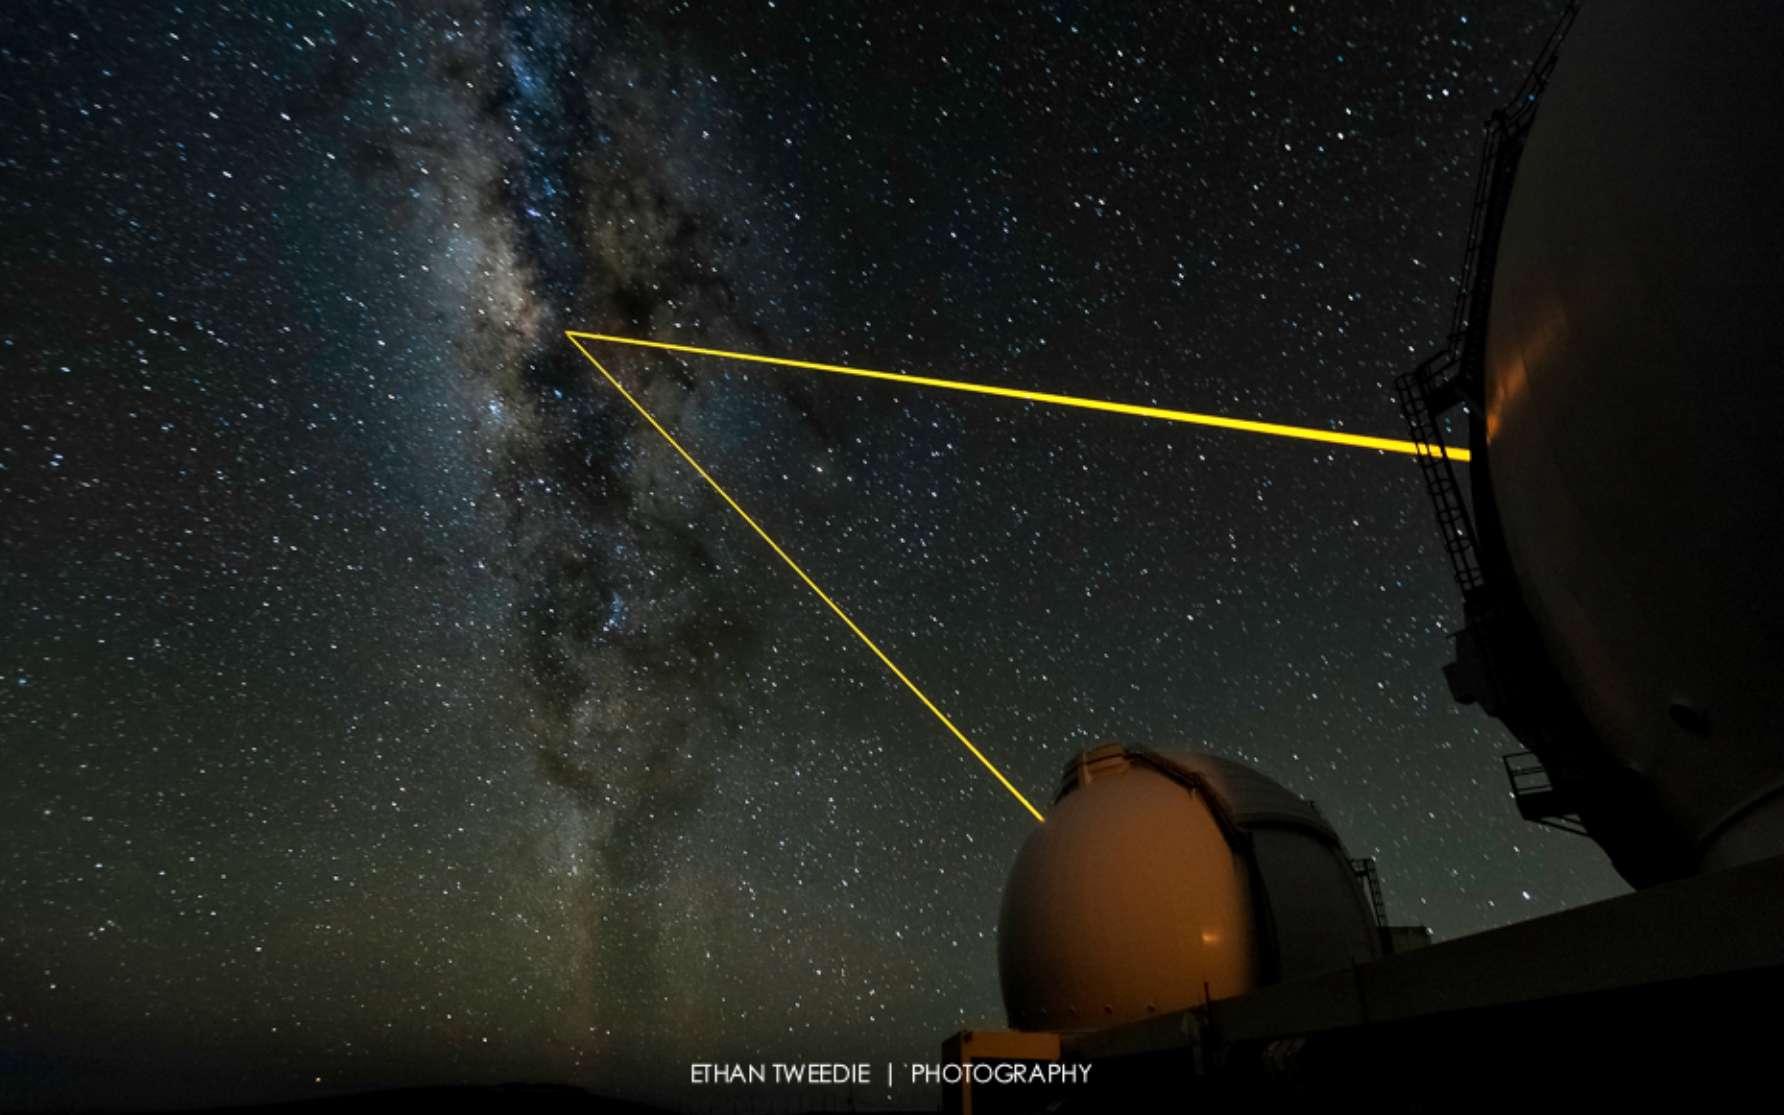 Une vue des deux télescopes de l'Observatoire Keck utilisant des faisceaux laser pour faire de l'optique adaptative et sonder les mystères du centre de la Voie lactée. © Ethan Tweedy-www.ethantweedi